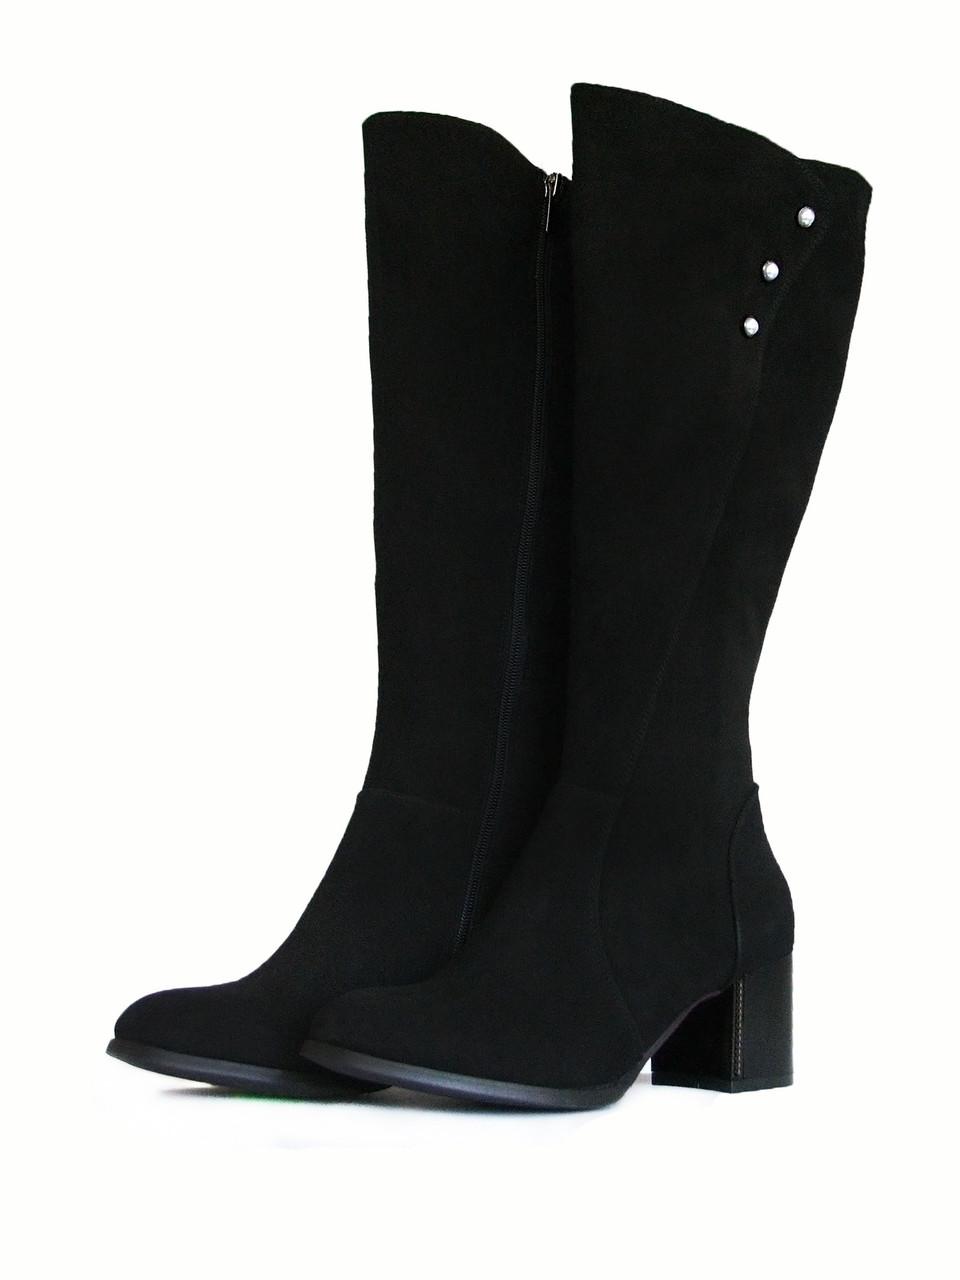 Элегантные замшевые сапоги на среднем каблуке